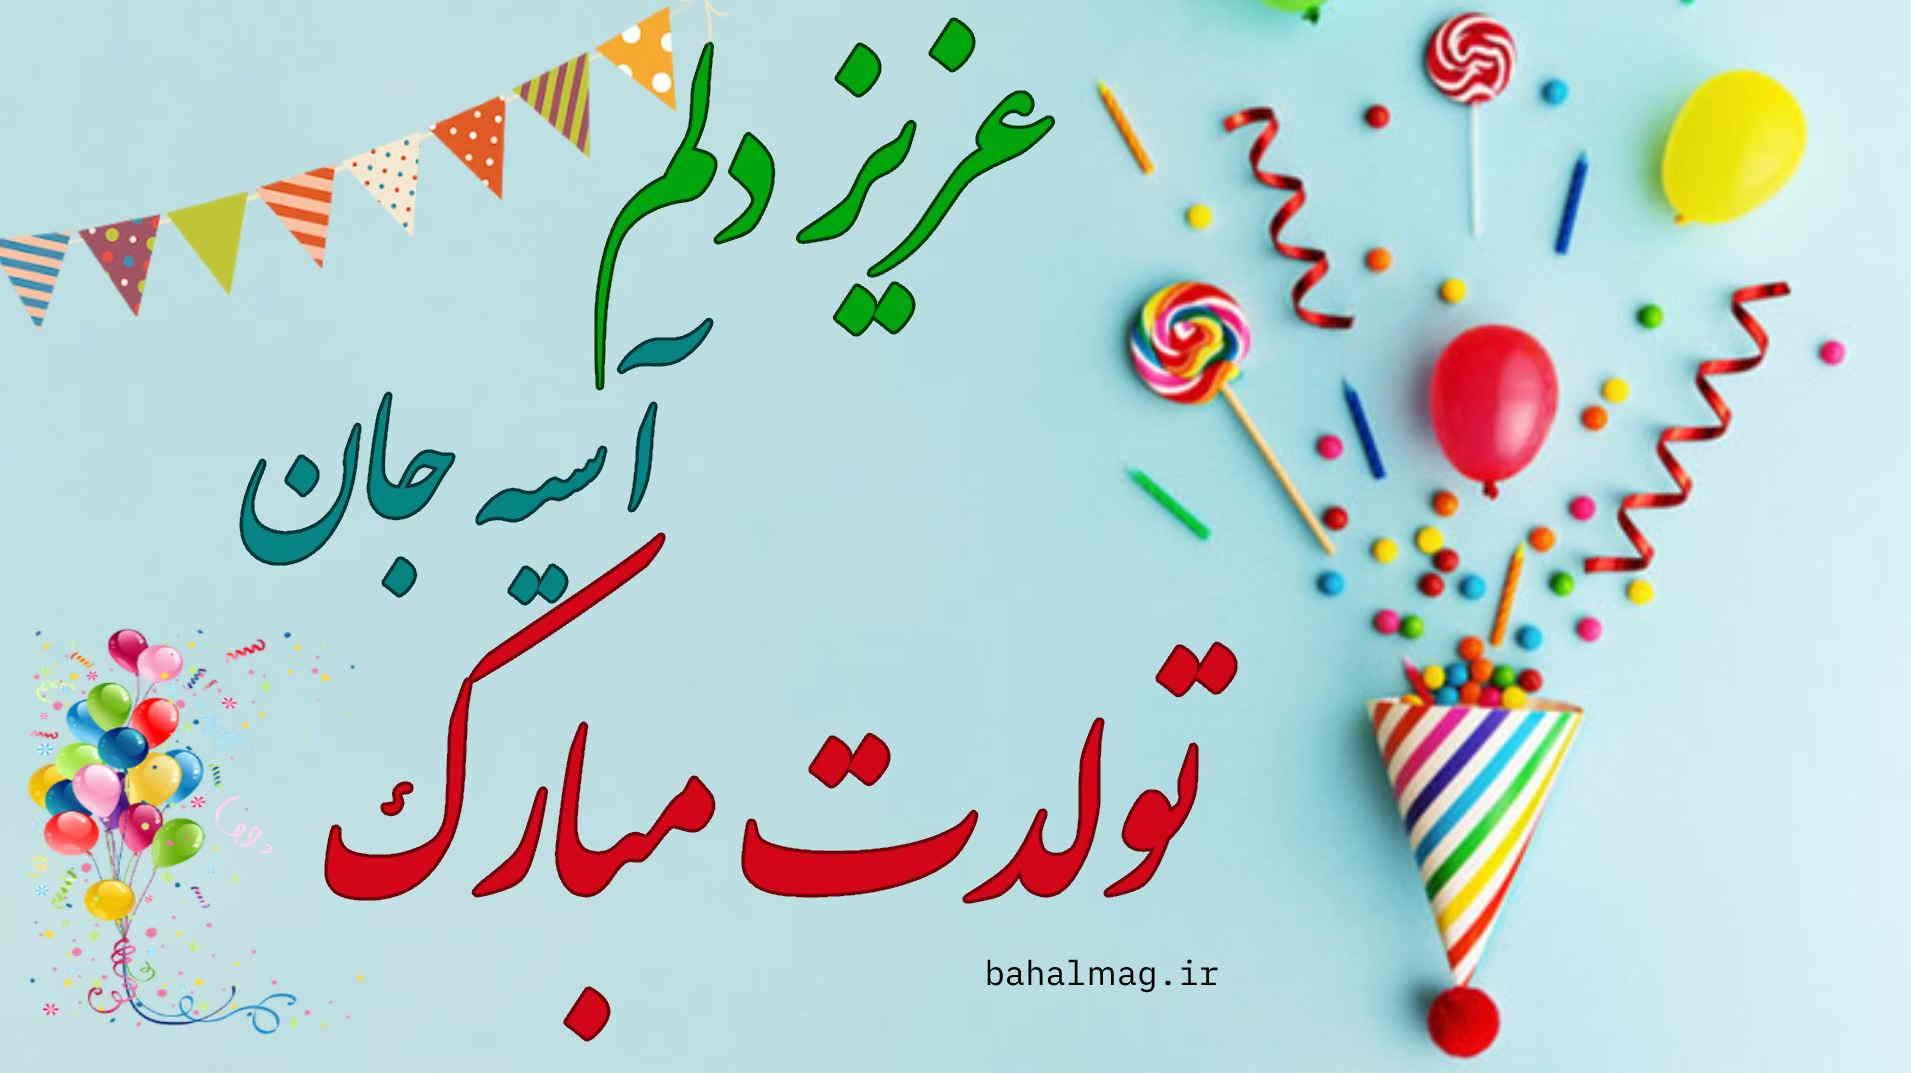 عزیز دلم آسیه تولدت مبارک